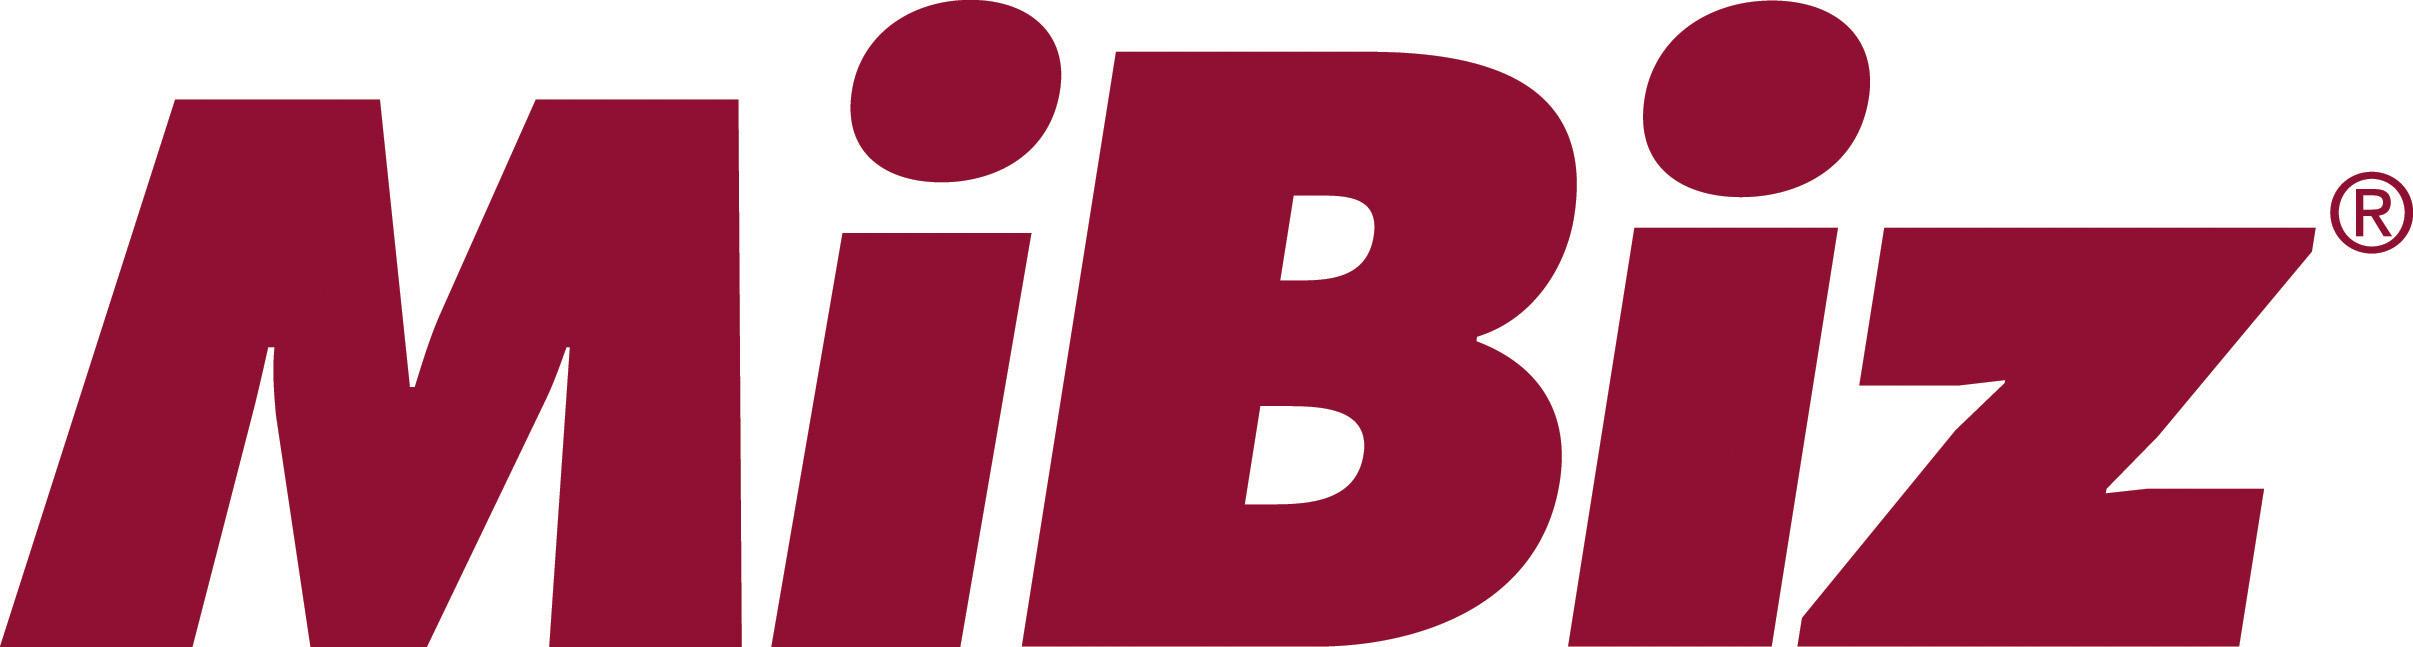 mibiz logo-color.jpg